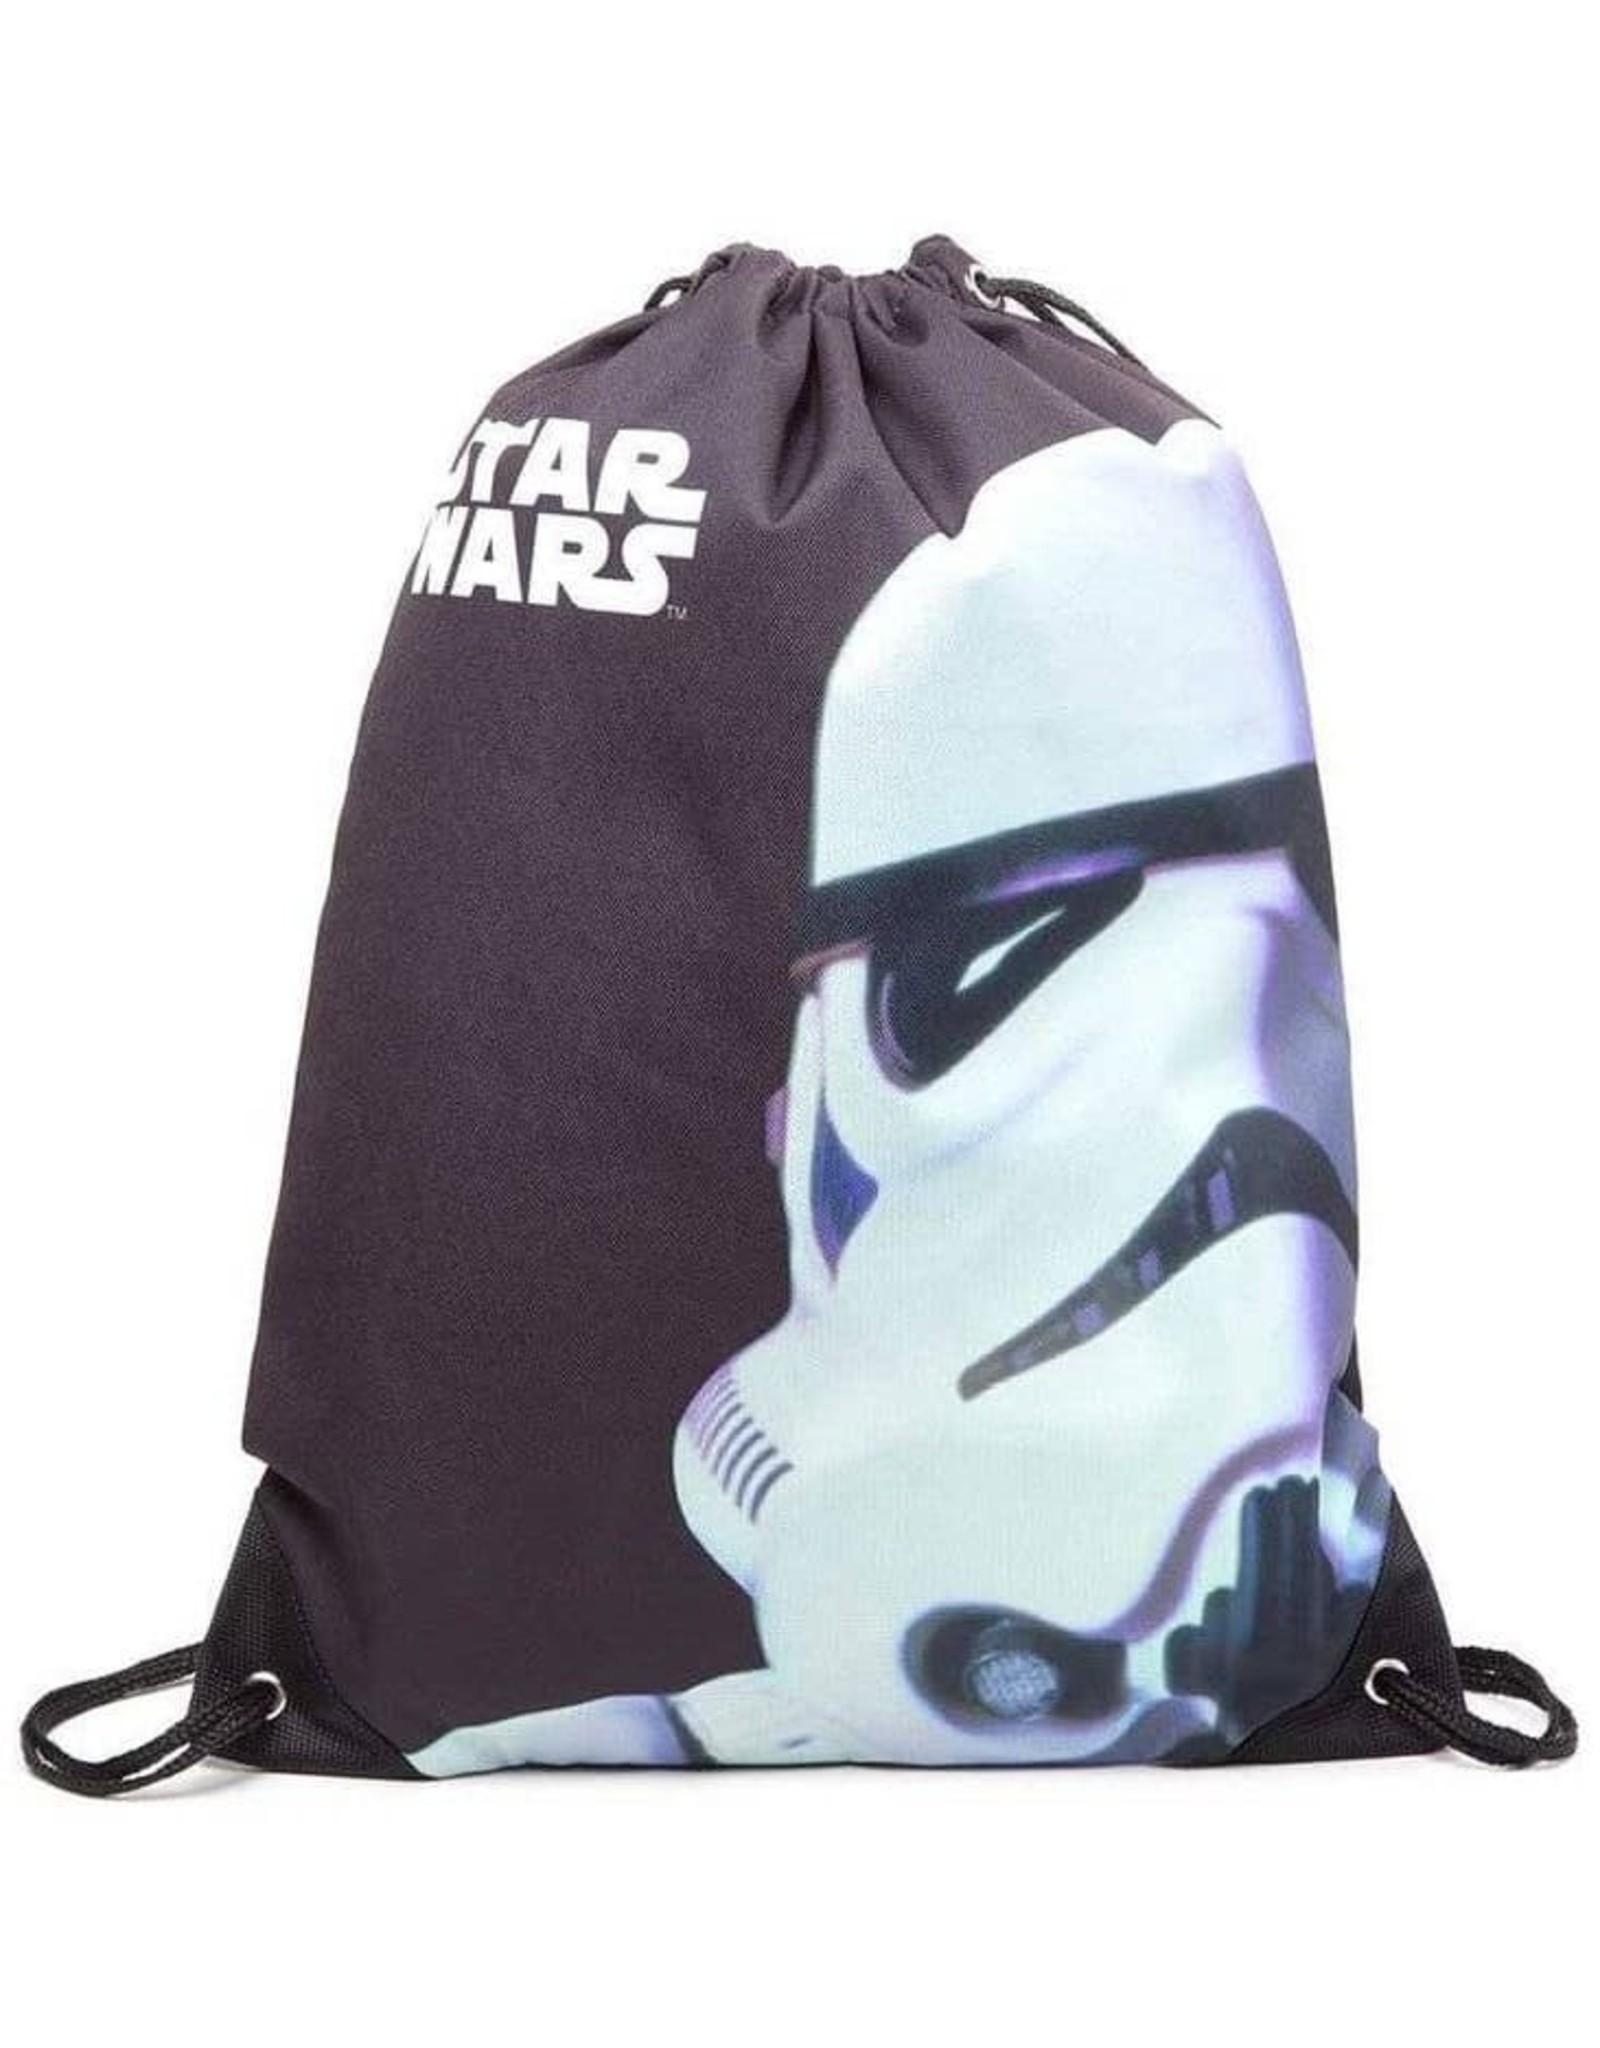 Star Wars Star Wars tassen - Star Wars Stormtrooper Gymbag